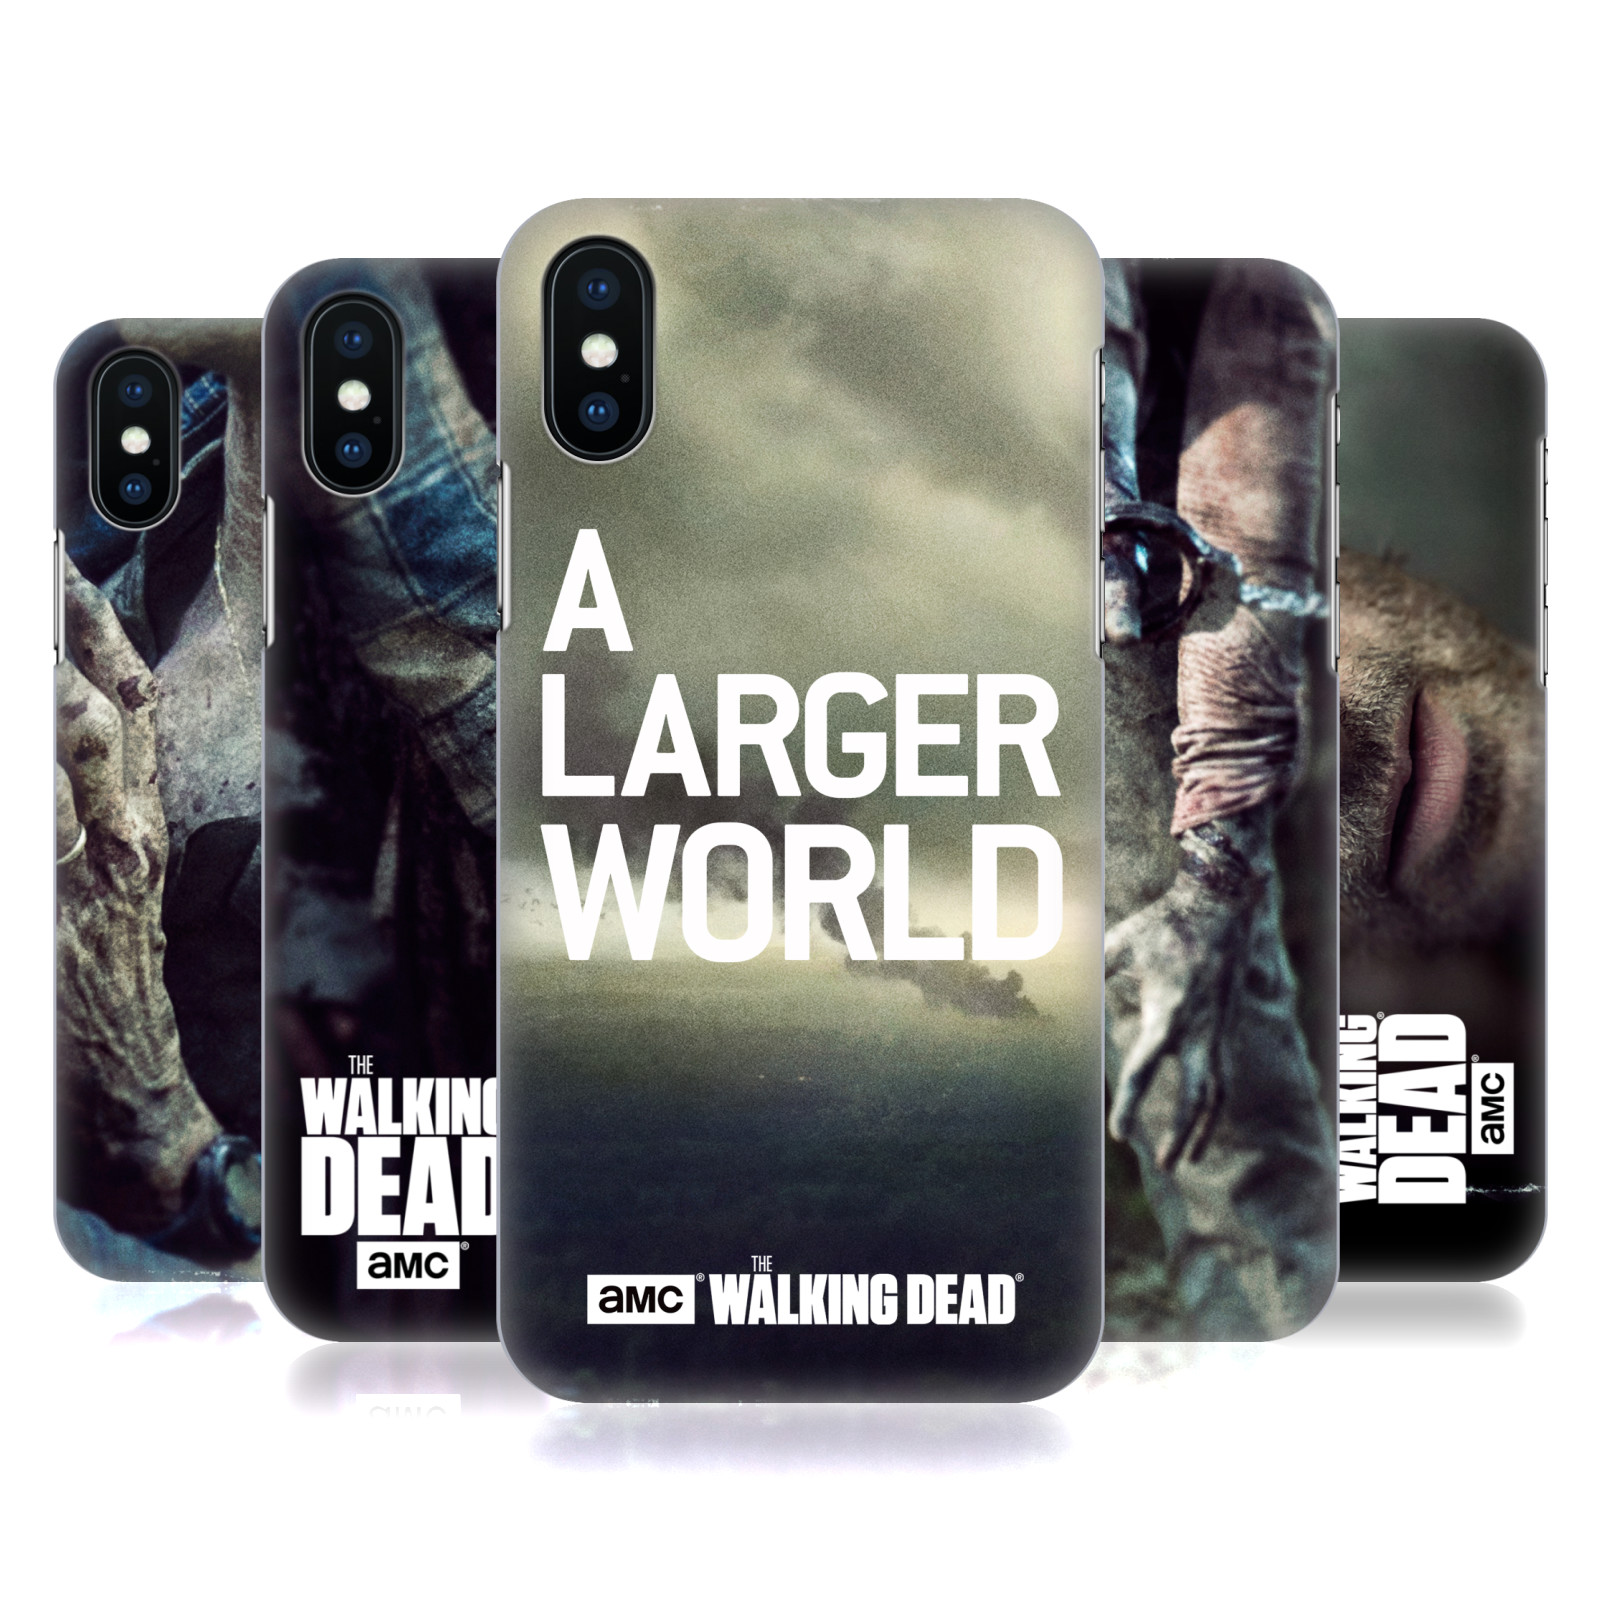 AMC The Walking Dead Key Art